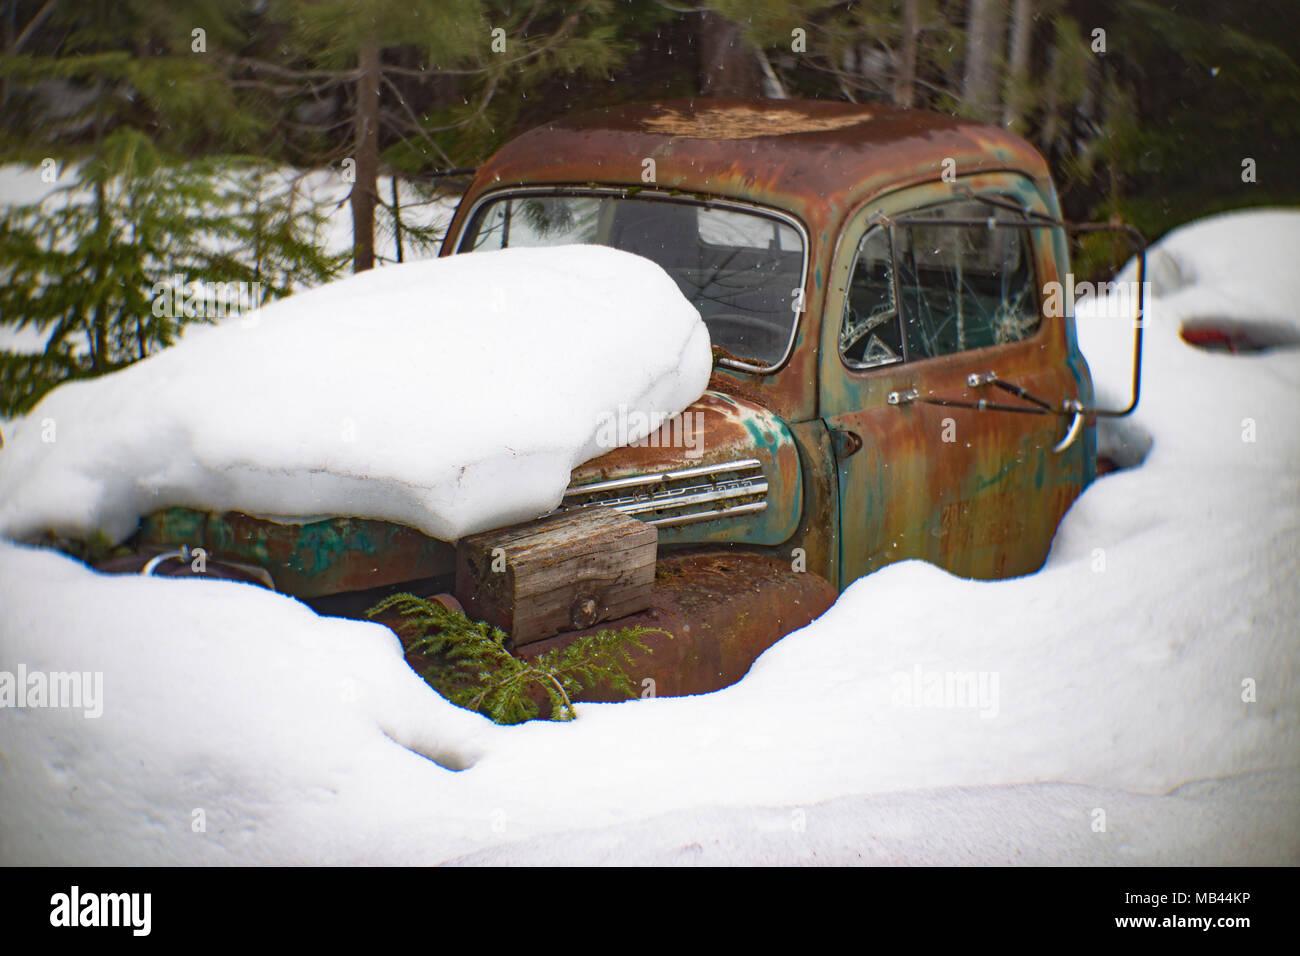 Eine alte Rosten 1951 Ford 5-Lkw, begraben im Schnee in einem bewaldeten Gebiet hinter eine Scheune, in der Noxon, Montana. Dieses Bild wurde mit einem antiken Petz Stockbild